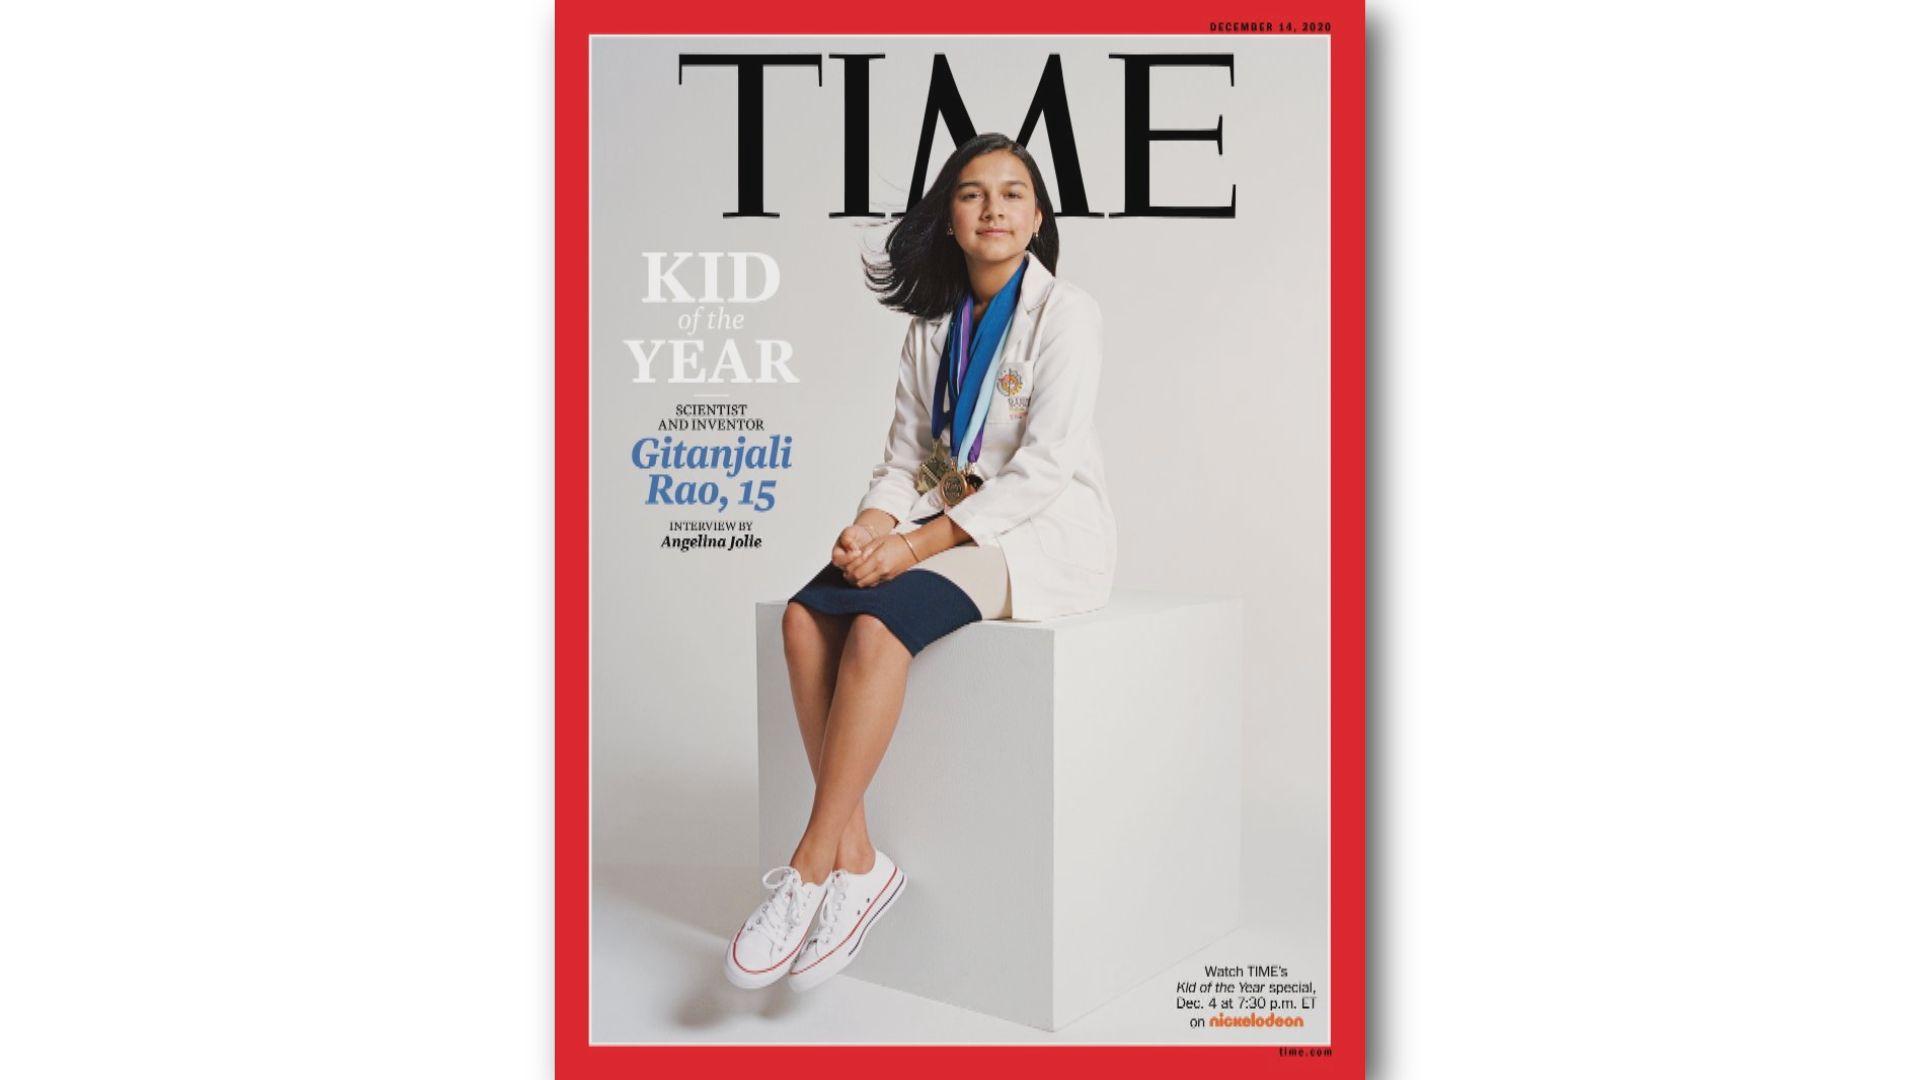 15歲美國少女膺《時代》雜誌首屆風雲兒童